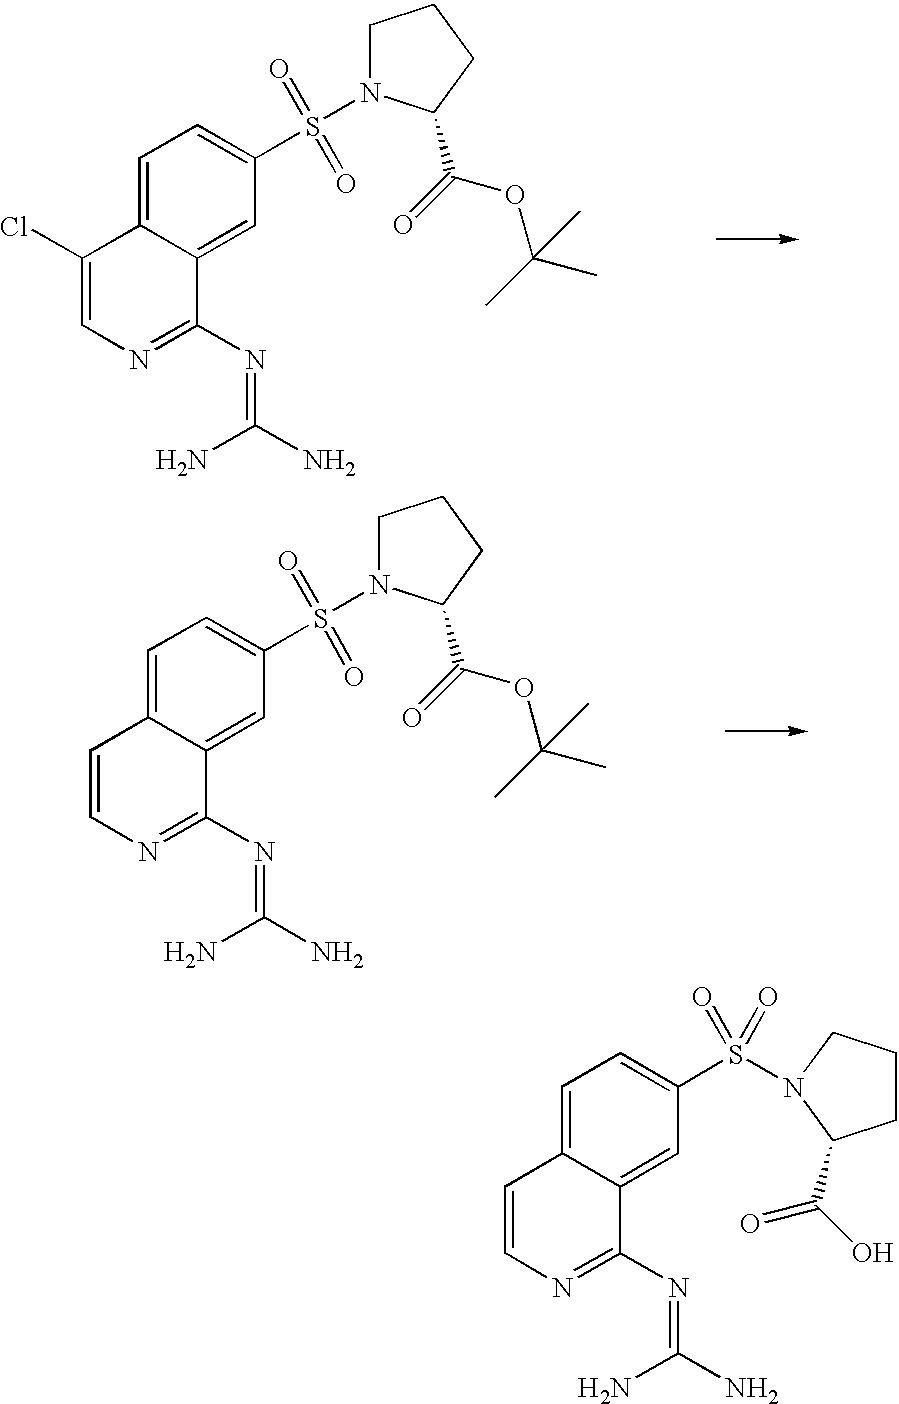 Figure US20030199440A1-20031023-C00109